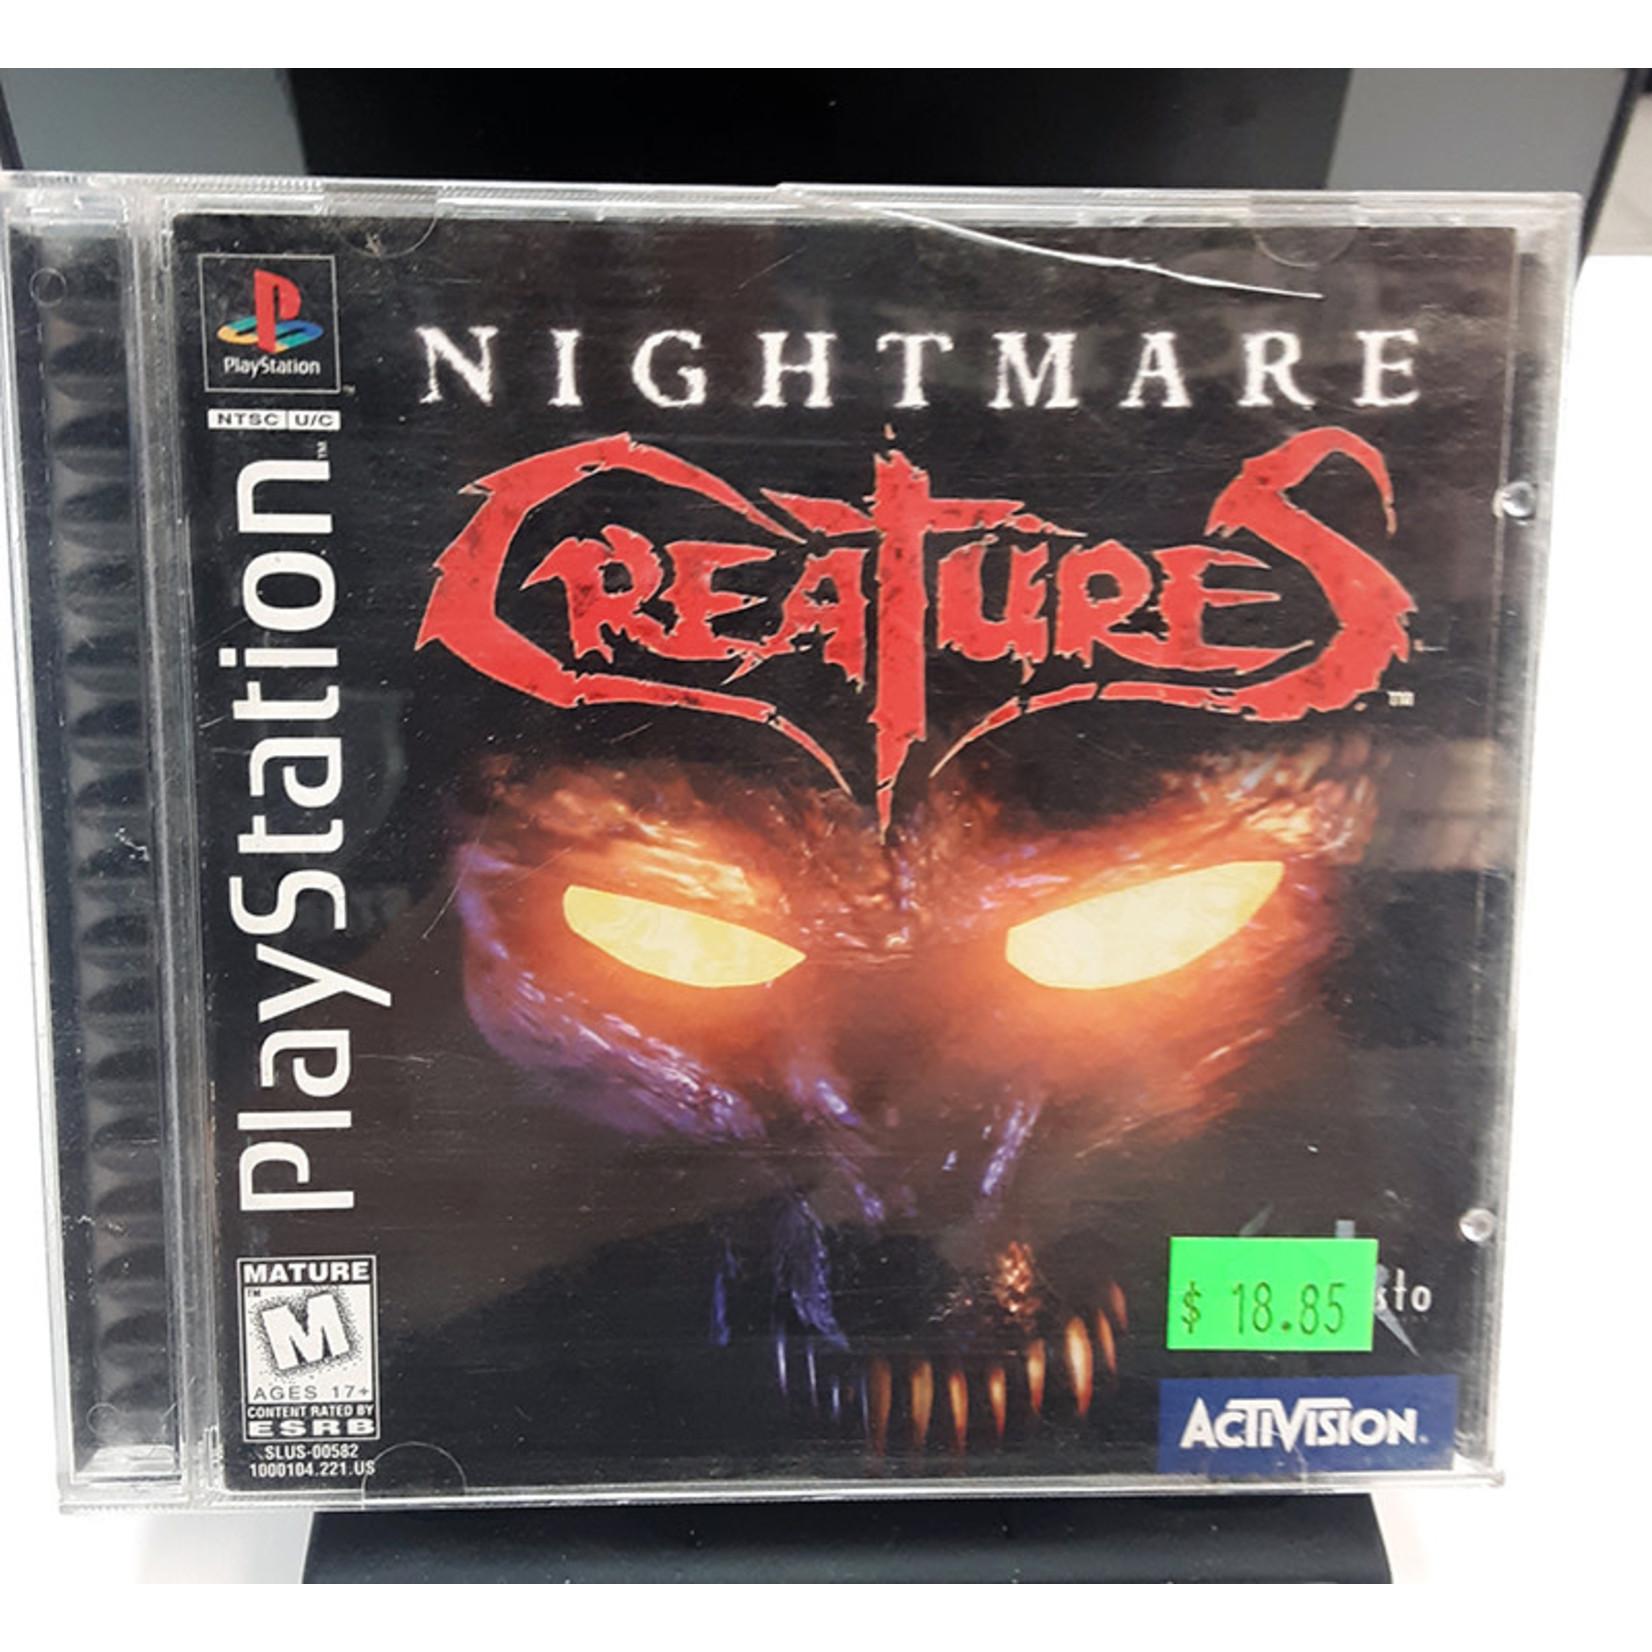 PS1U-Nightmare Creatures